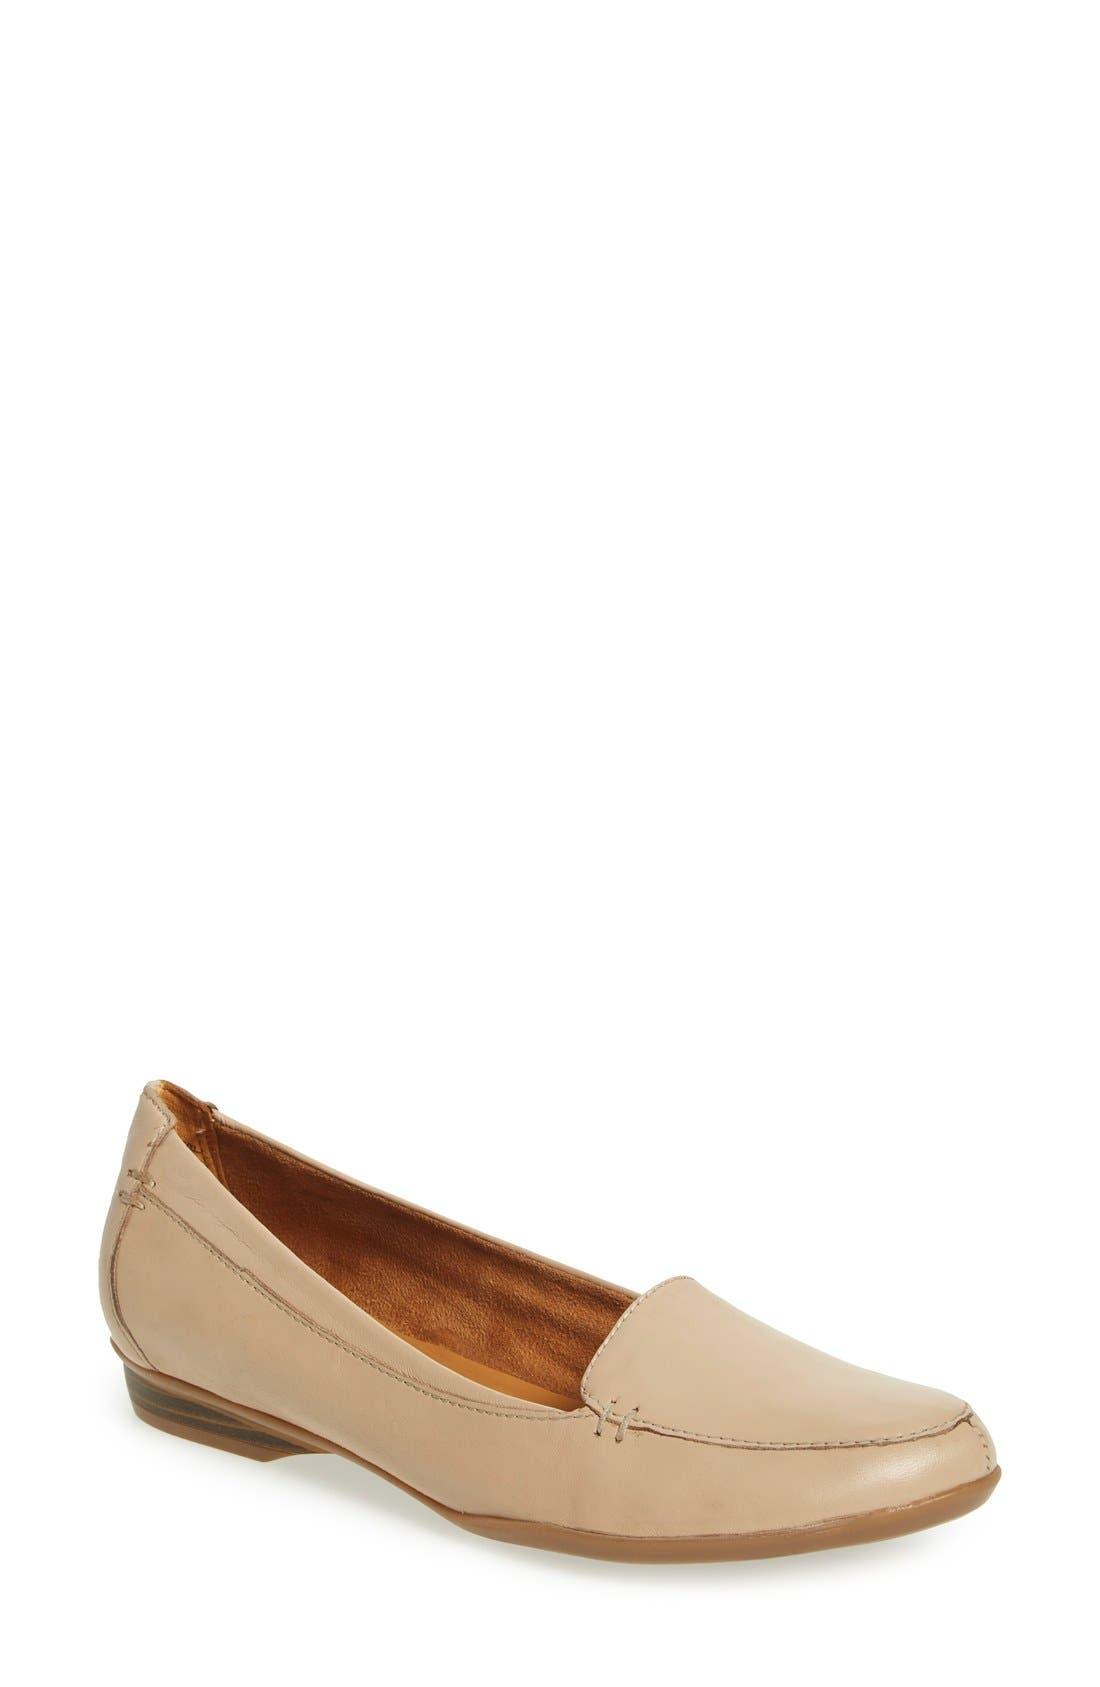 NATURALIZER Saban Leather Loafer